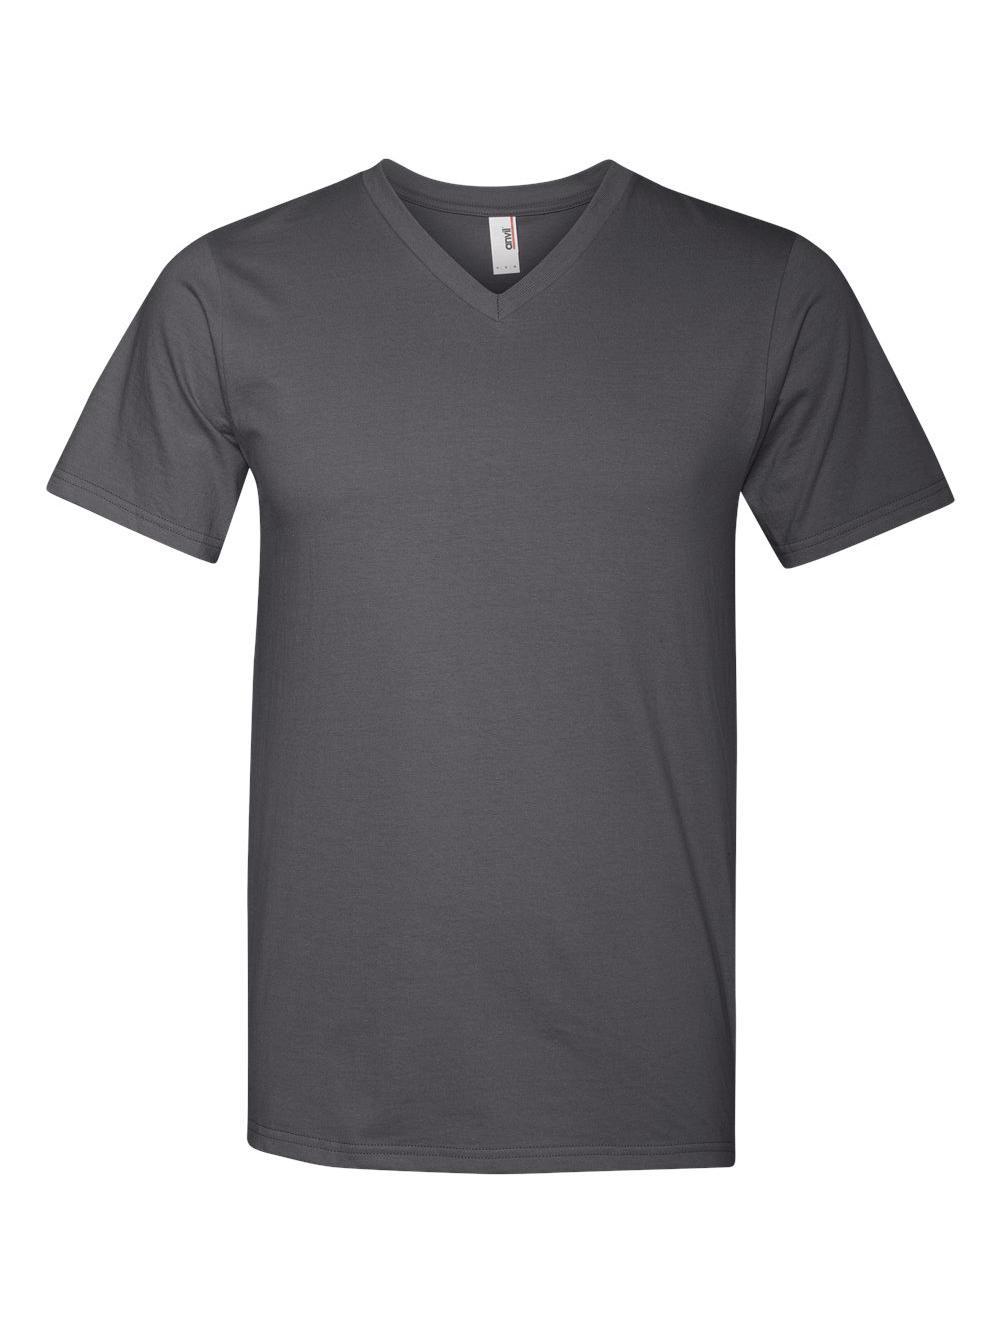 Anvil-Lightweight-Ringspun-V-Neck-T-Shirt-982 thumbnail 6